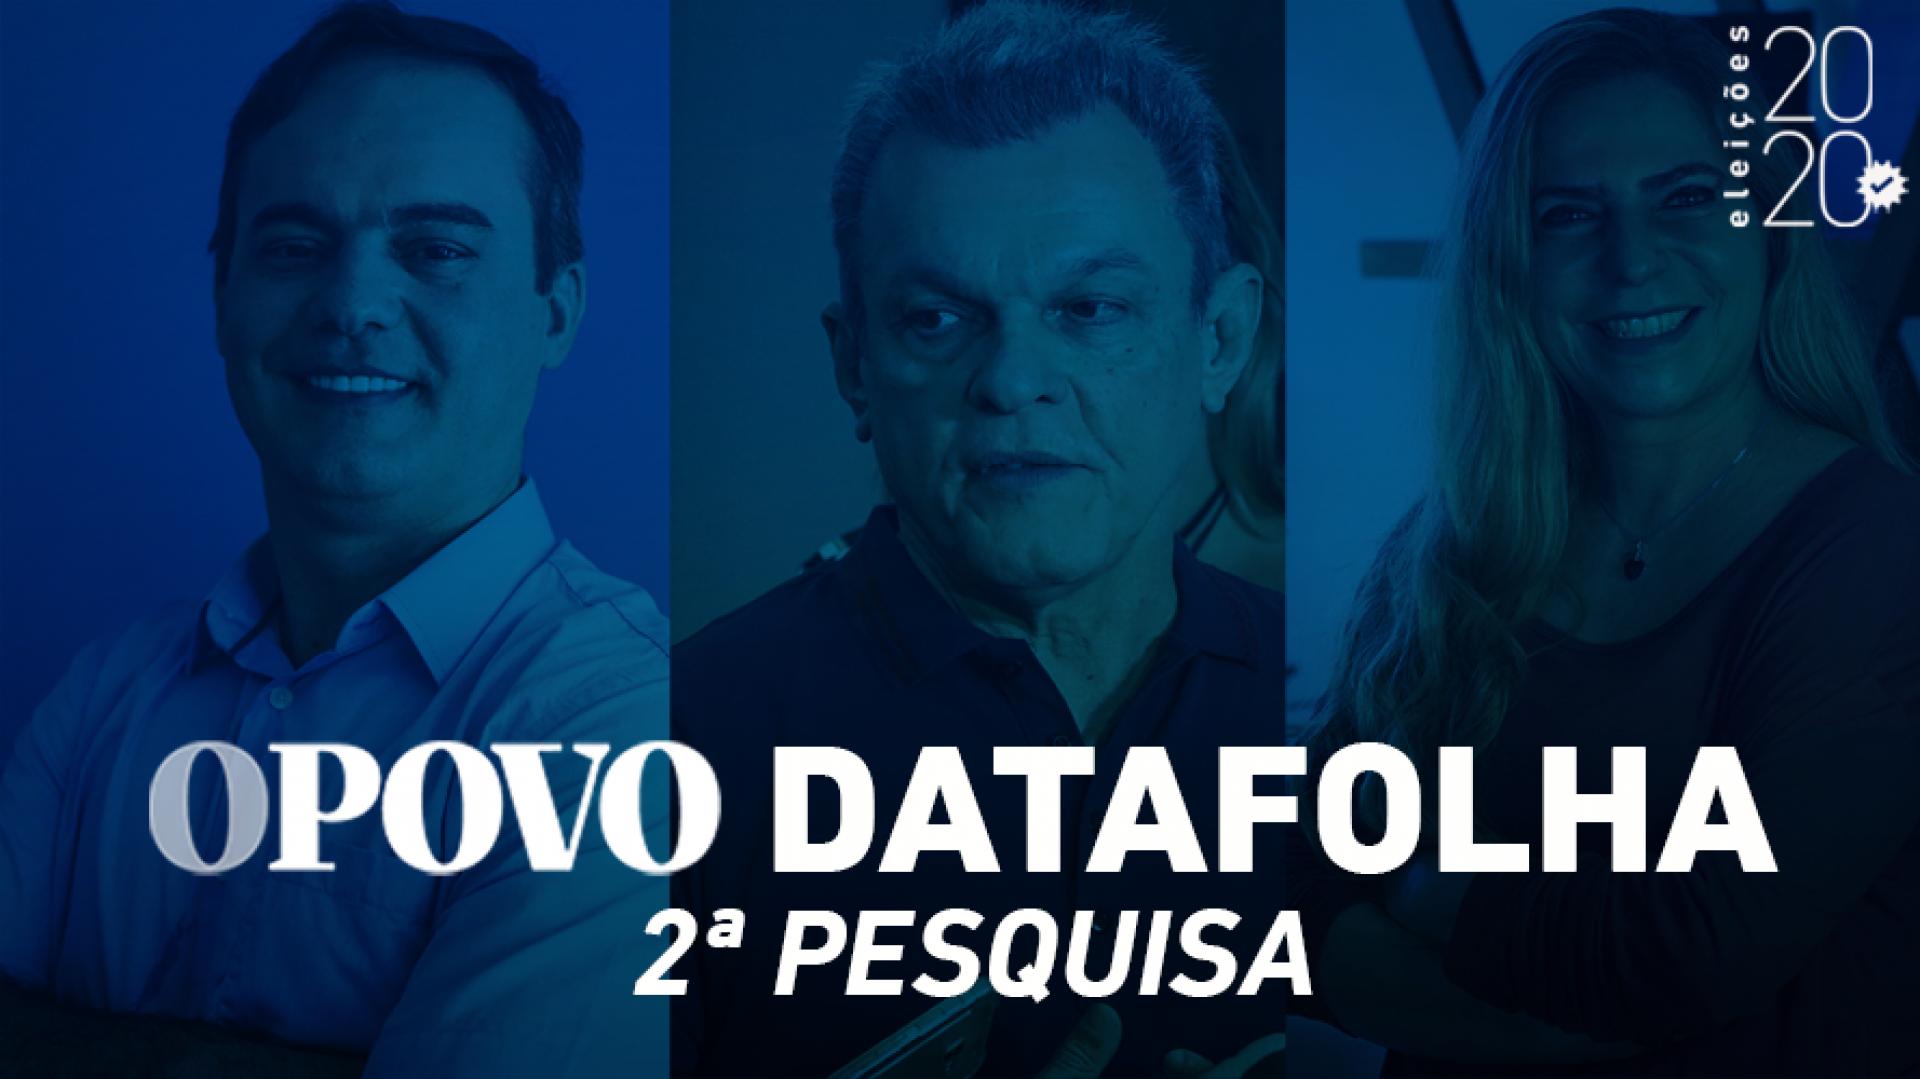 Capitão Wagner, Sarto Nogueira e Luizianne Lins